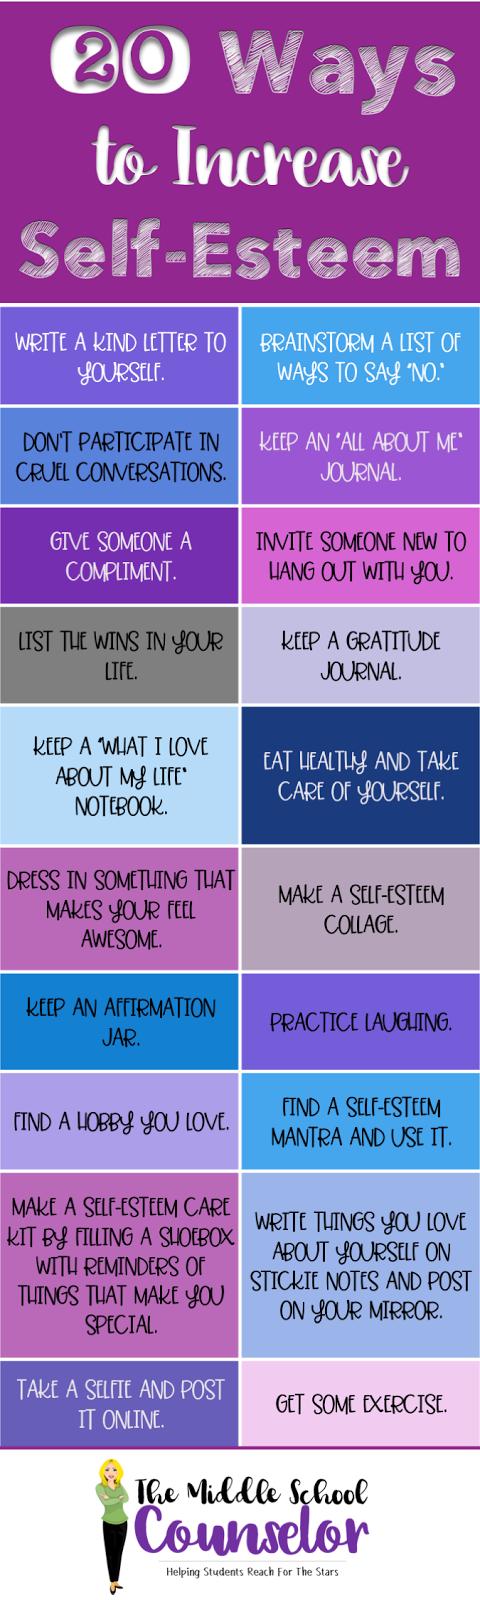 Esteem self your how better to 5 ways